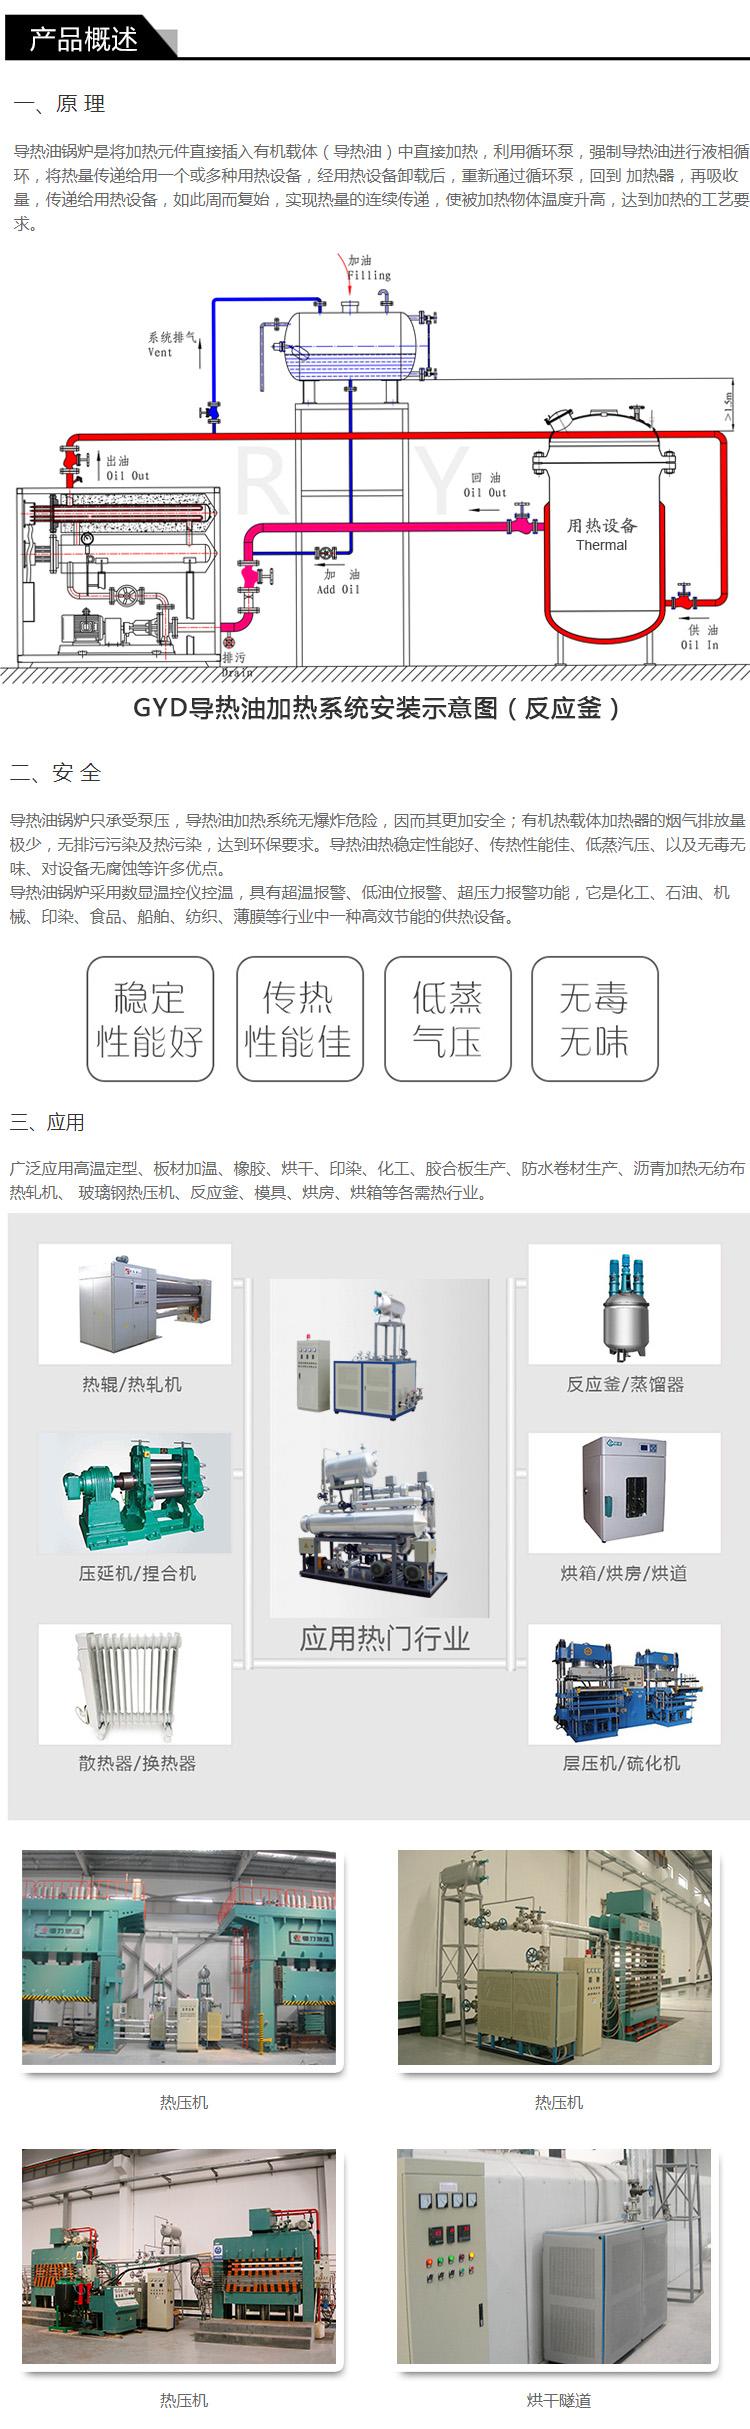 江蘇瑞源廠家供應醫藥行業反應釜加熱電加熱導熱油爐79014215